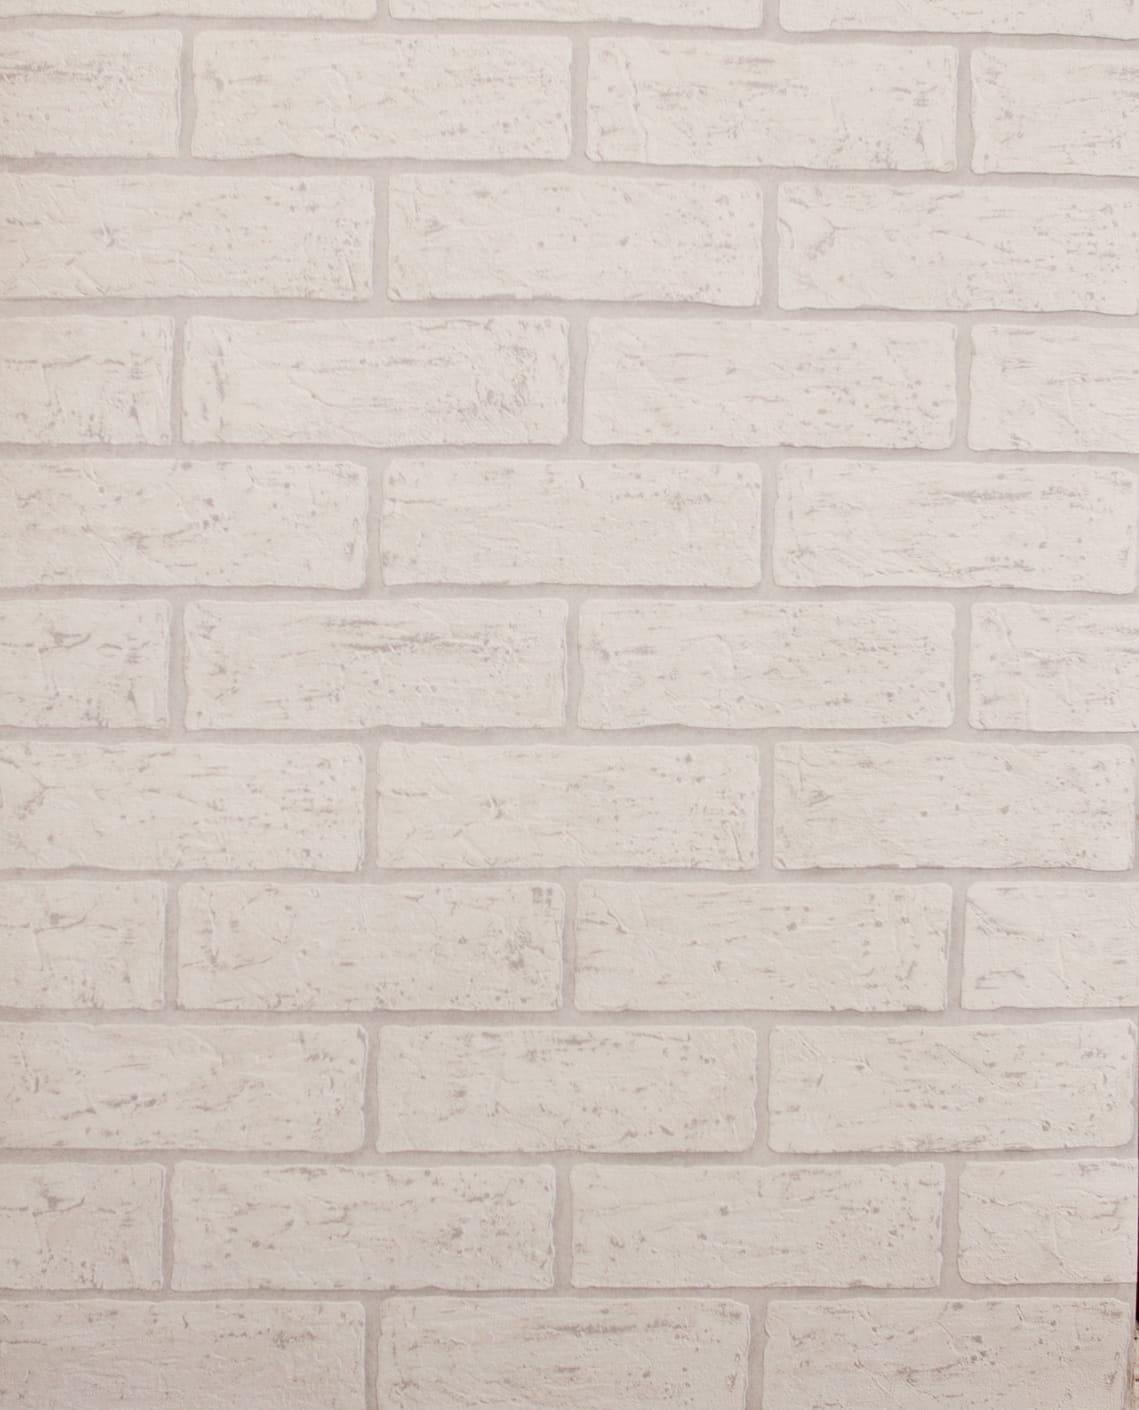 Tapeta ścienna Winylowa 74554 Gruba Biało Szara Cegła Efekt 3d Tapetyfarbyeu